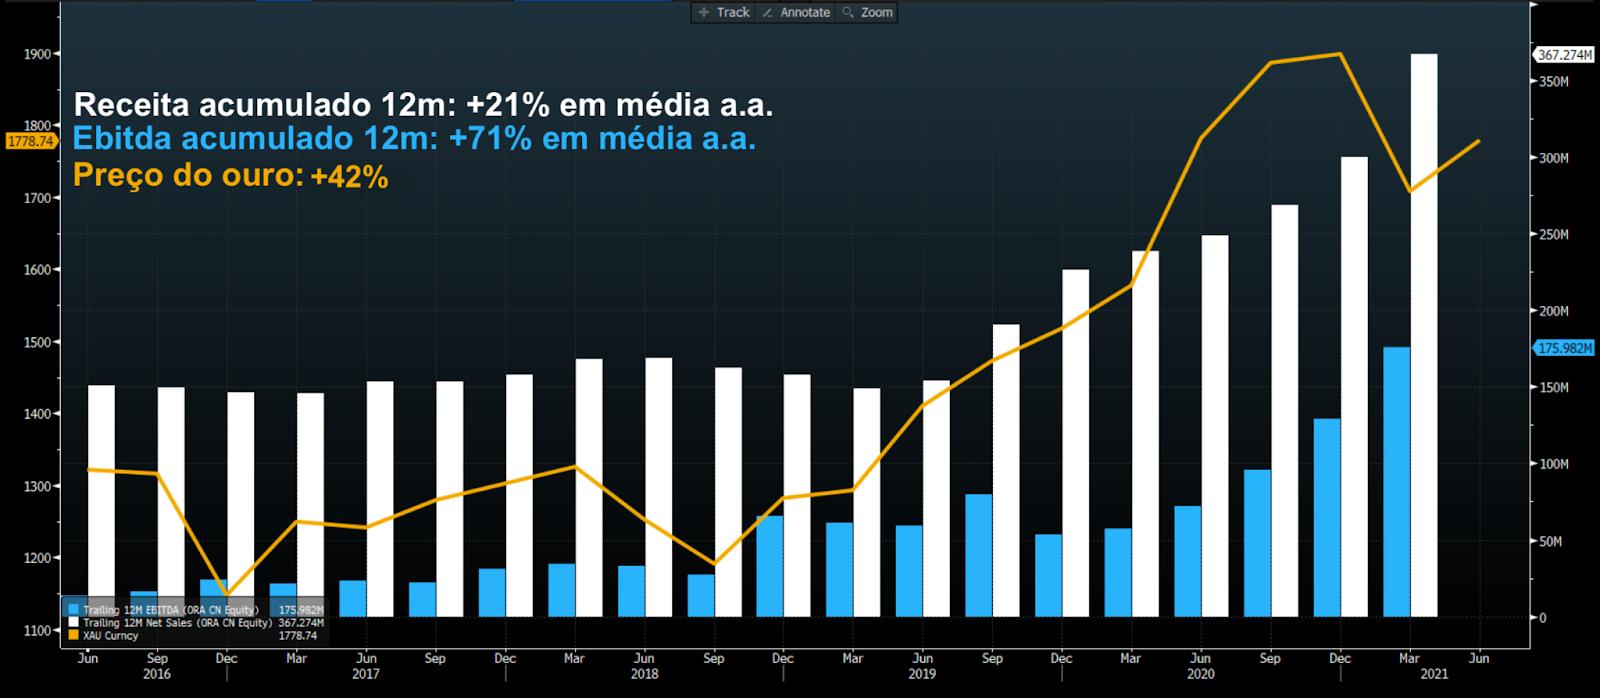 Gráfico apresenta Receita (branca) e Ebitda (azul)  ac. 12m e preço do ouro (amarela). Em dólares.